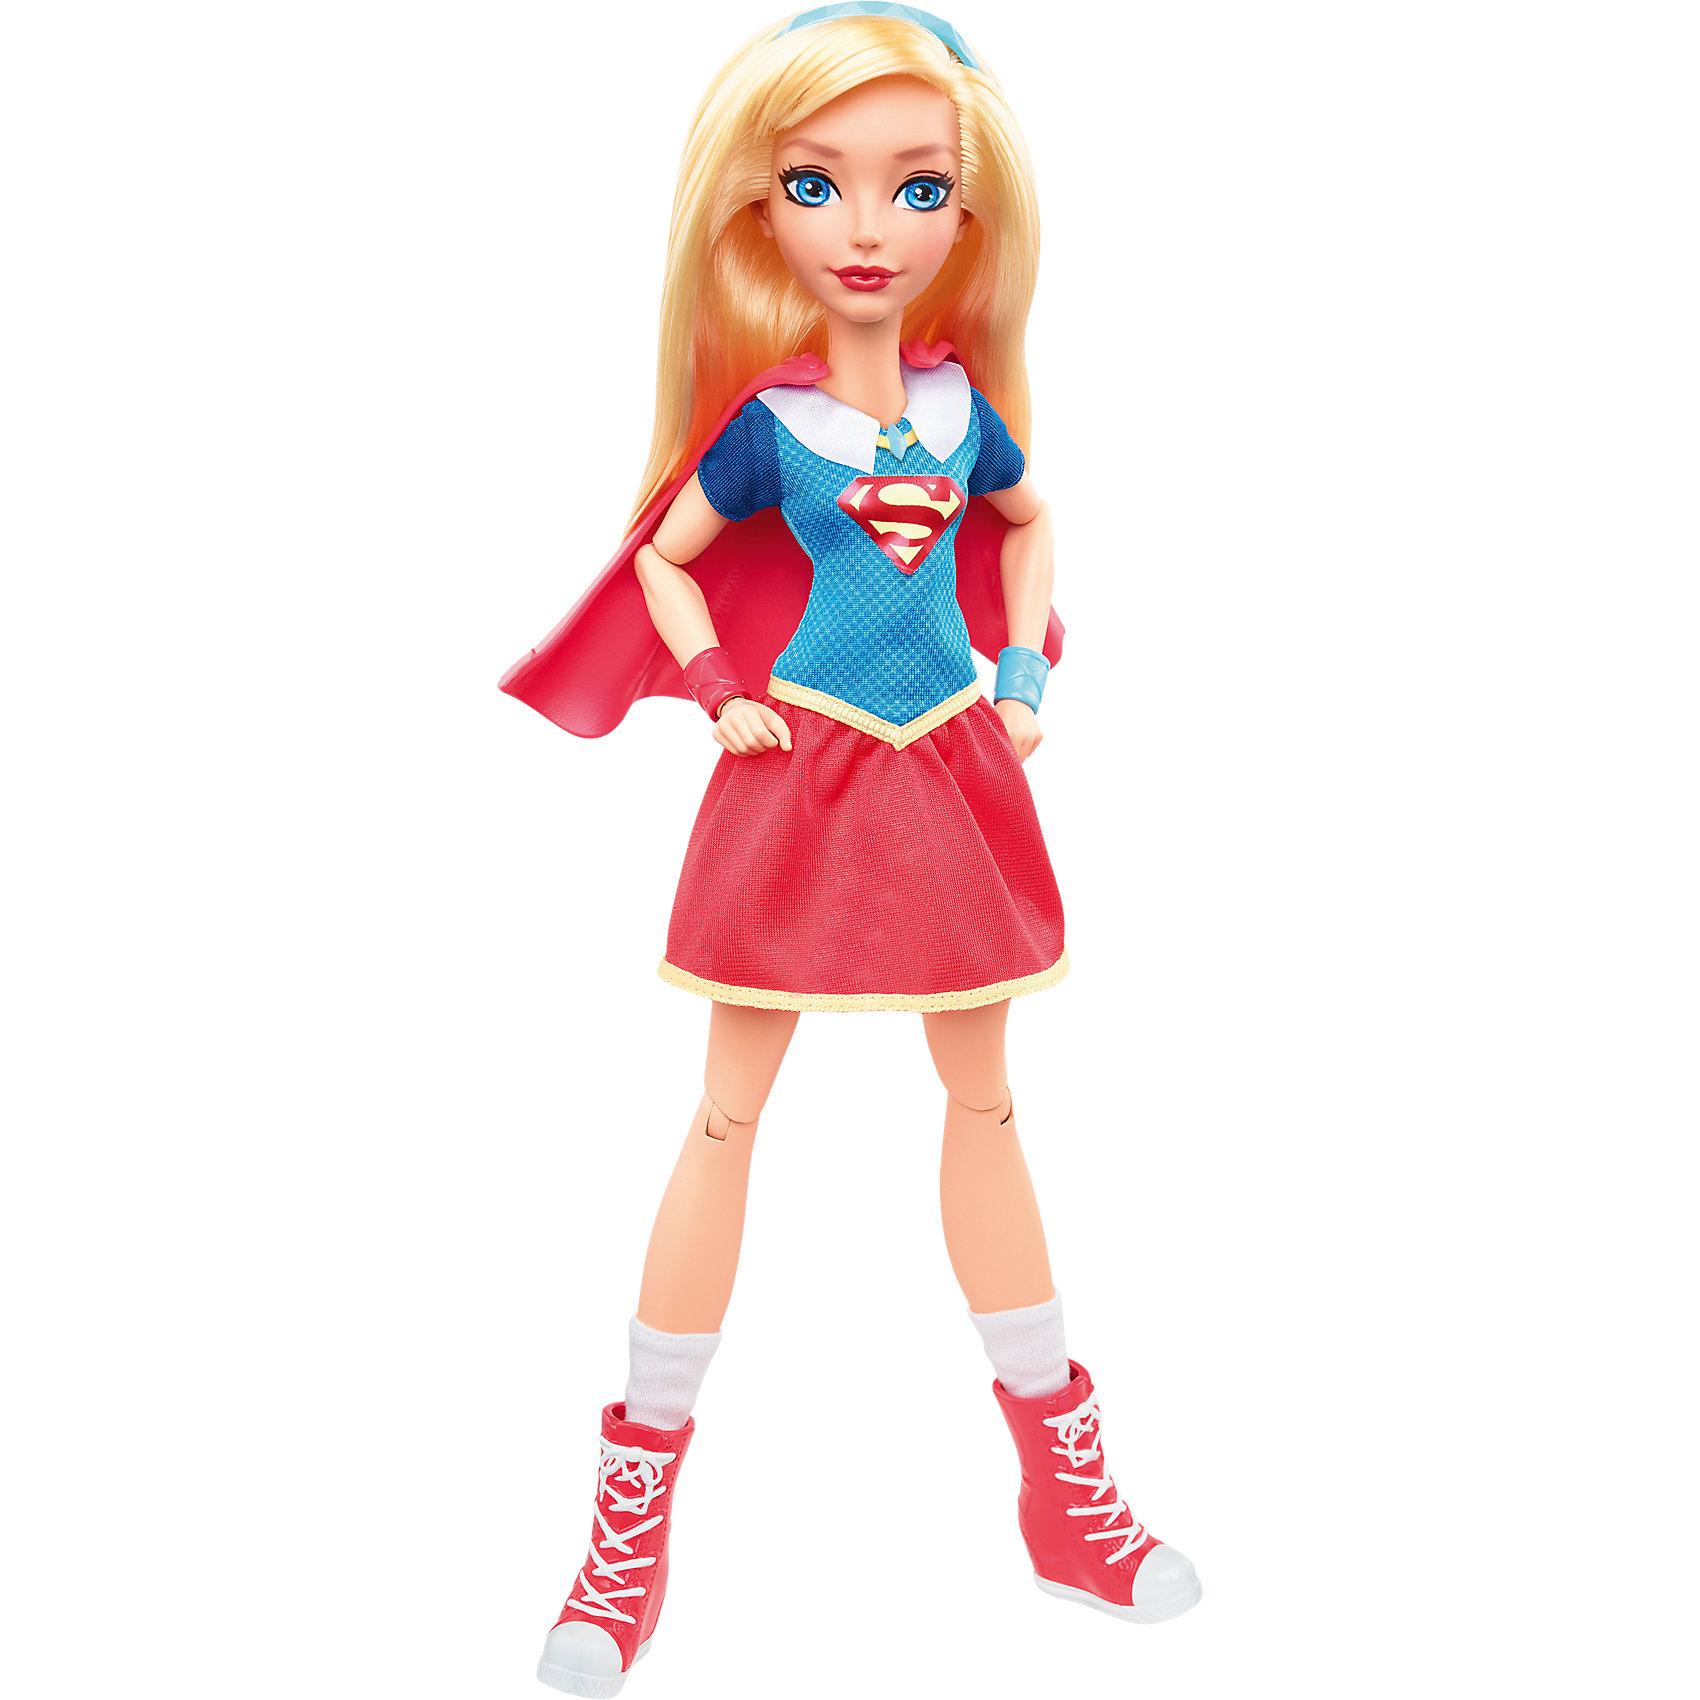 Кукла Супергёрл DC Super Hero Girls<br><br>Ширина мм: 328<br>Глубина мм: 205<br>Высота мм: 88<br>Вес г: 375<br>Возраст от месяцев: 72<br>Возраст до месяцев: 144<br>Пол: Женский<br>Возраст: Детский<br>SKU: 4765390